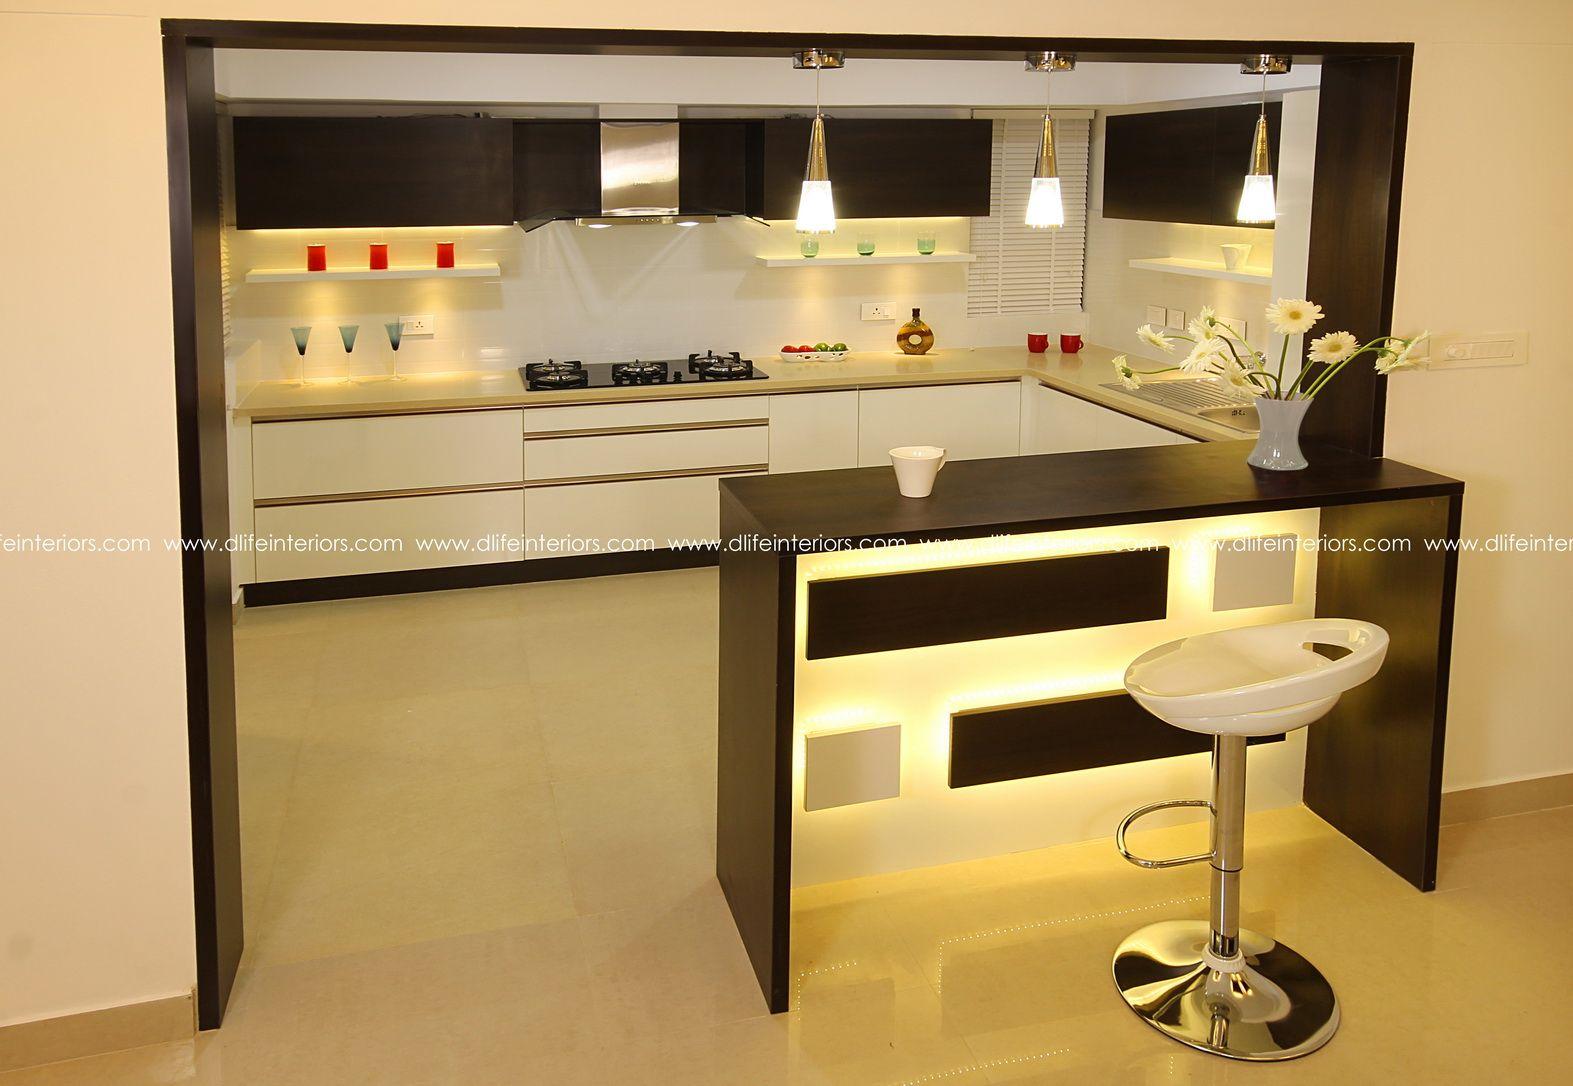 Gallery of Home Interior Designs   Original Photog